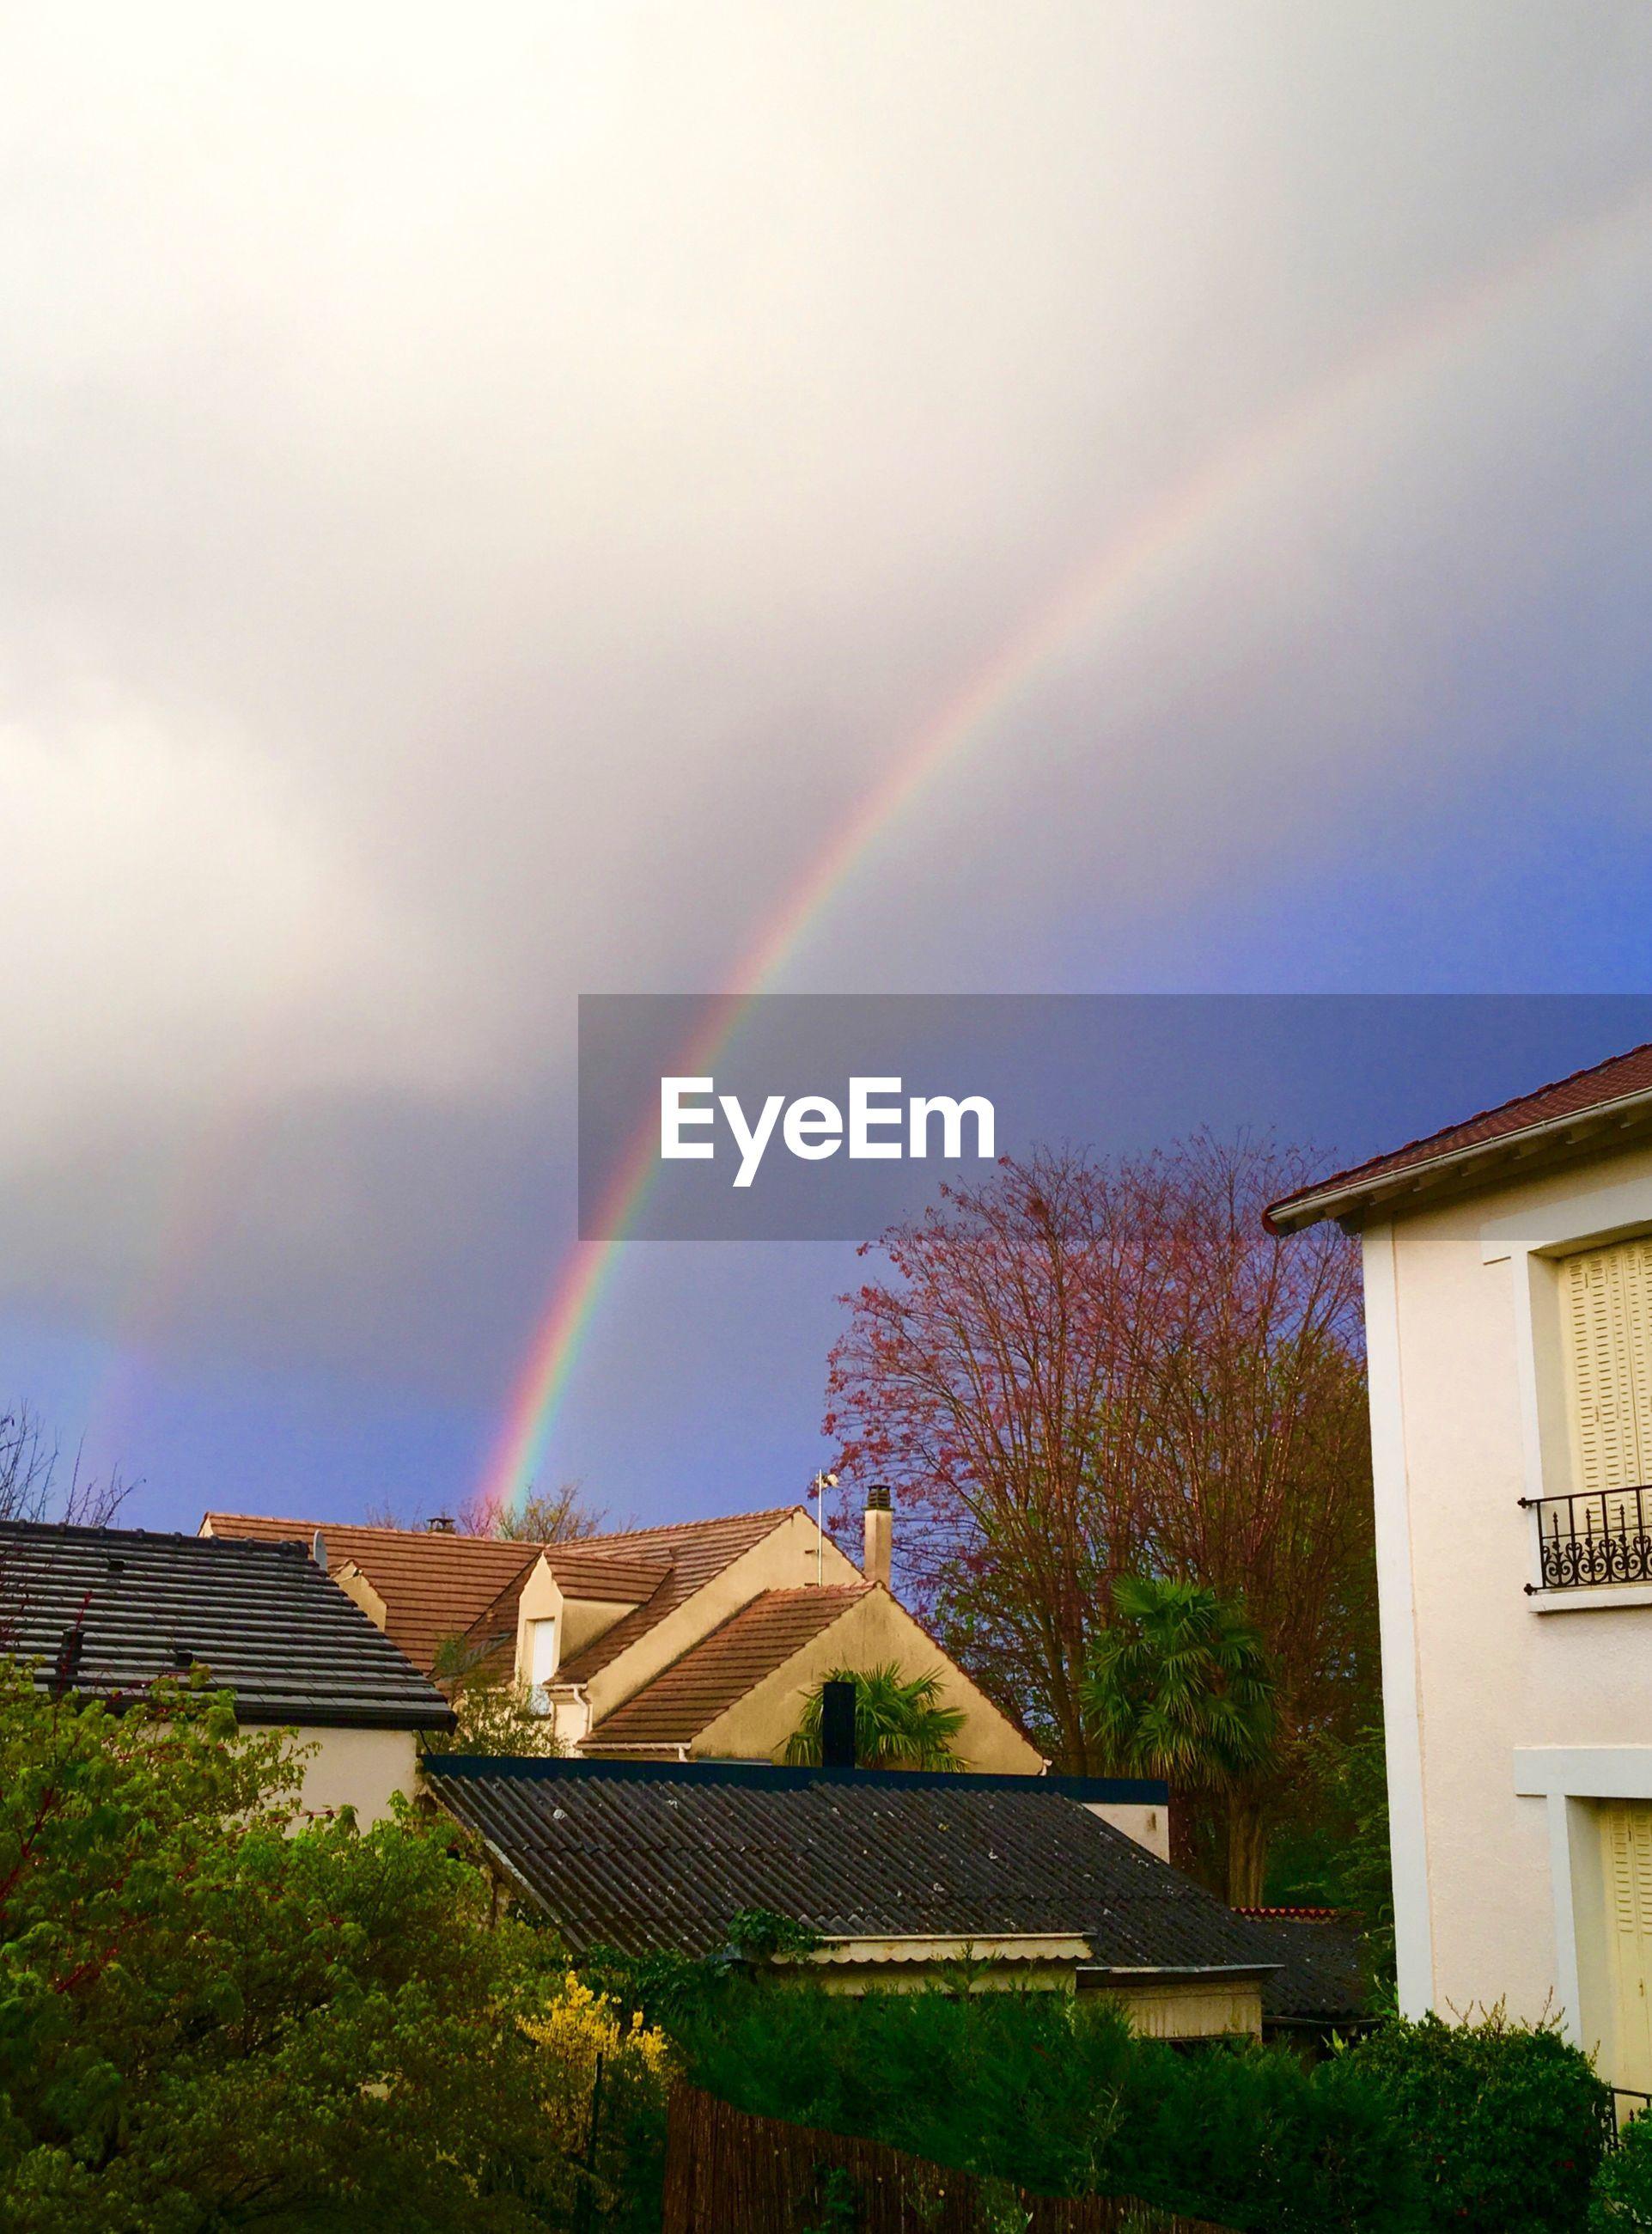 Rainbow over houses